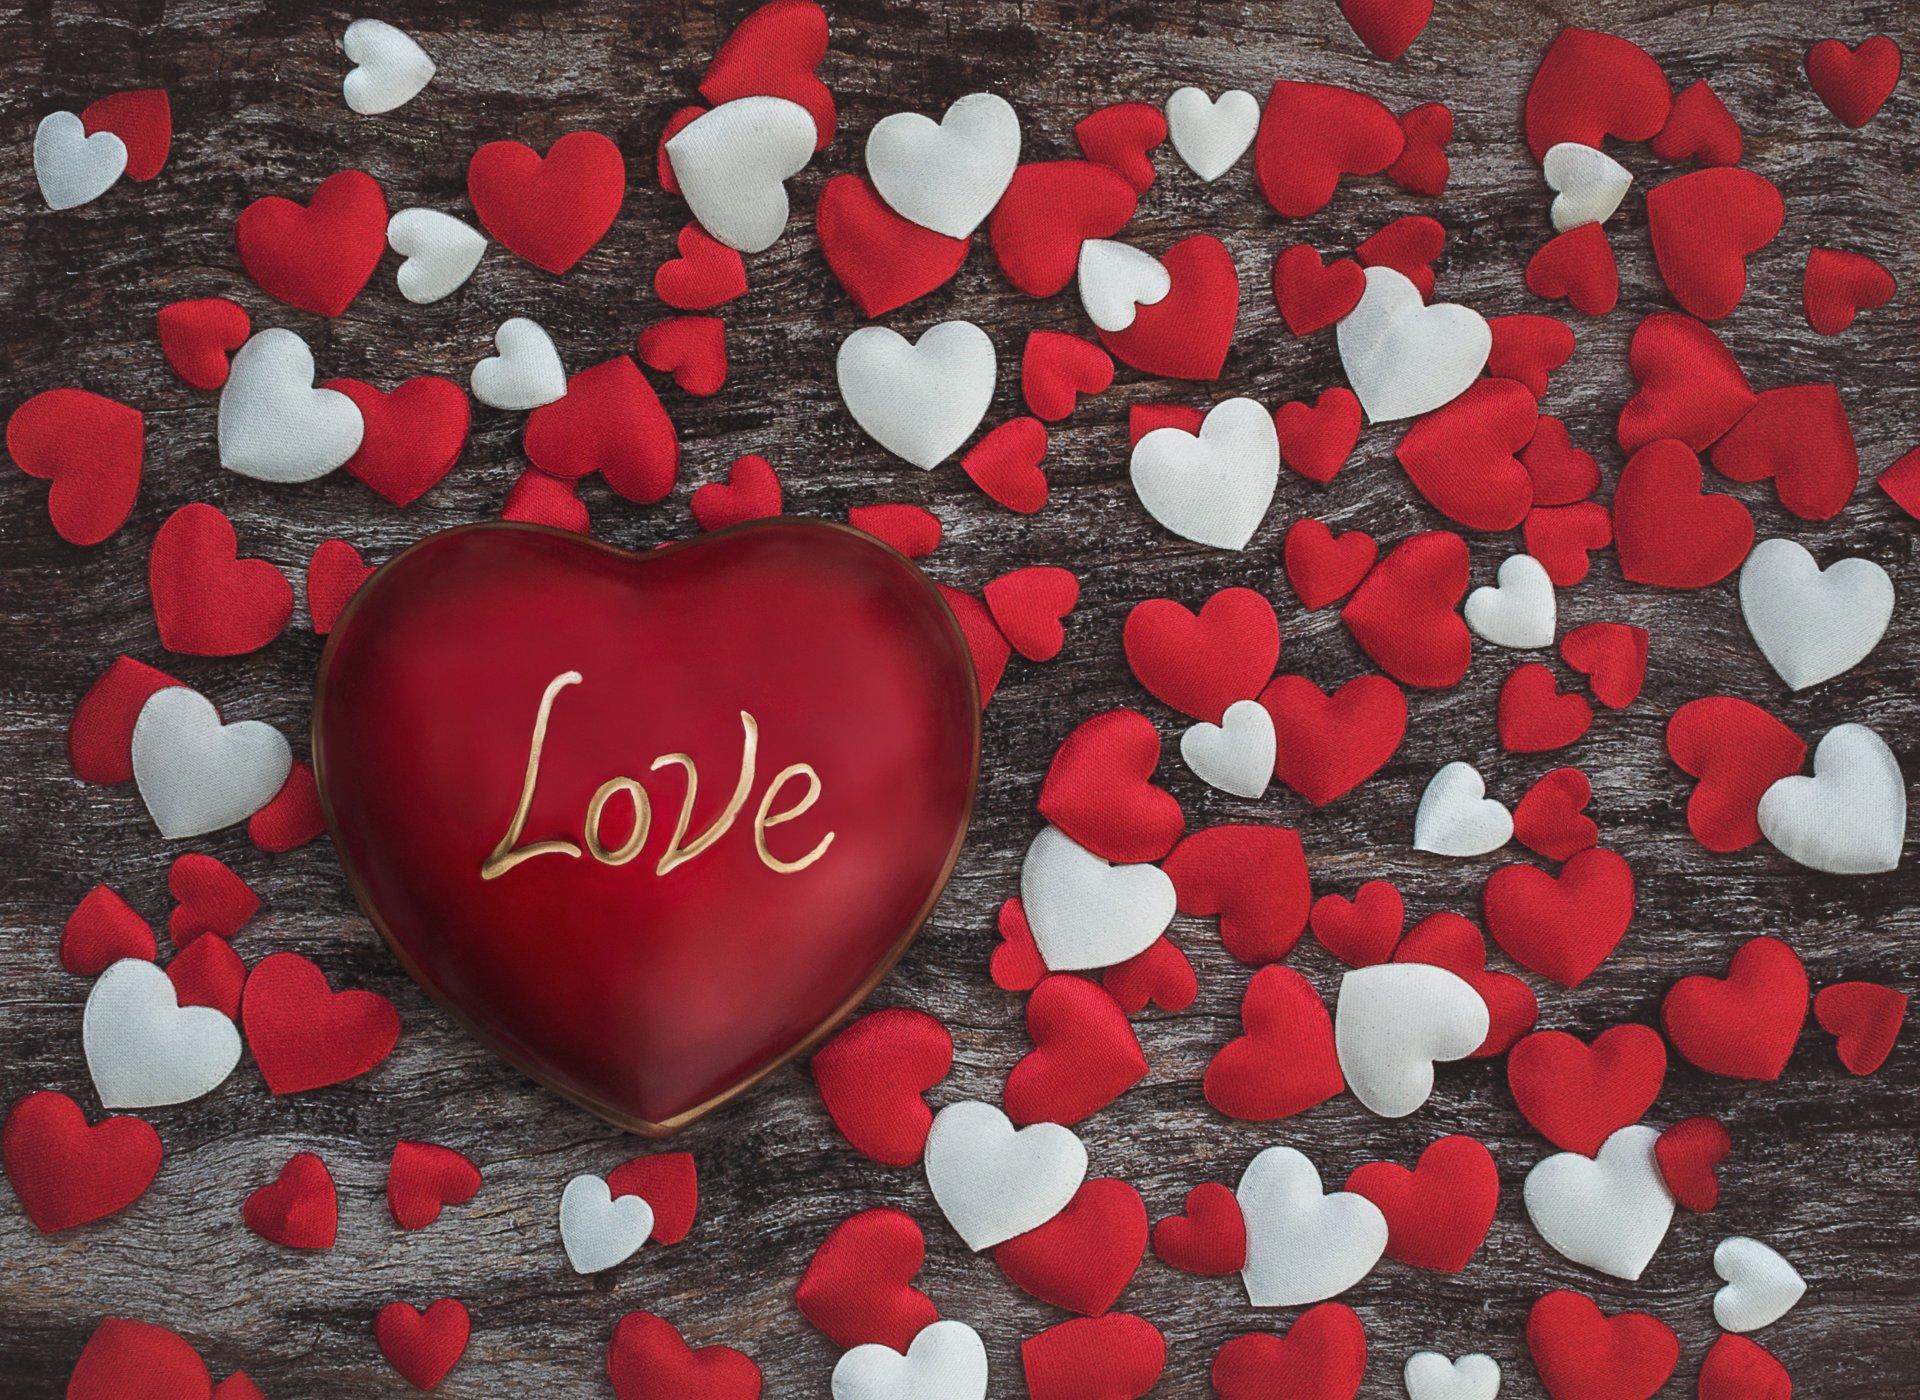 Красивая открытки, красивые картинки сердечки с надписями про любовь